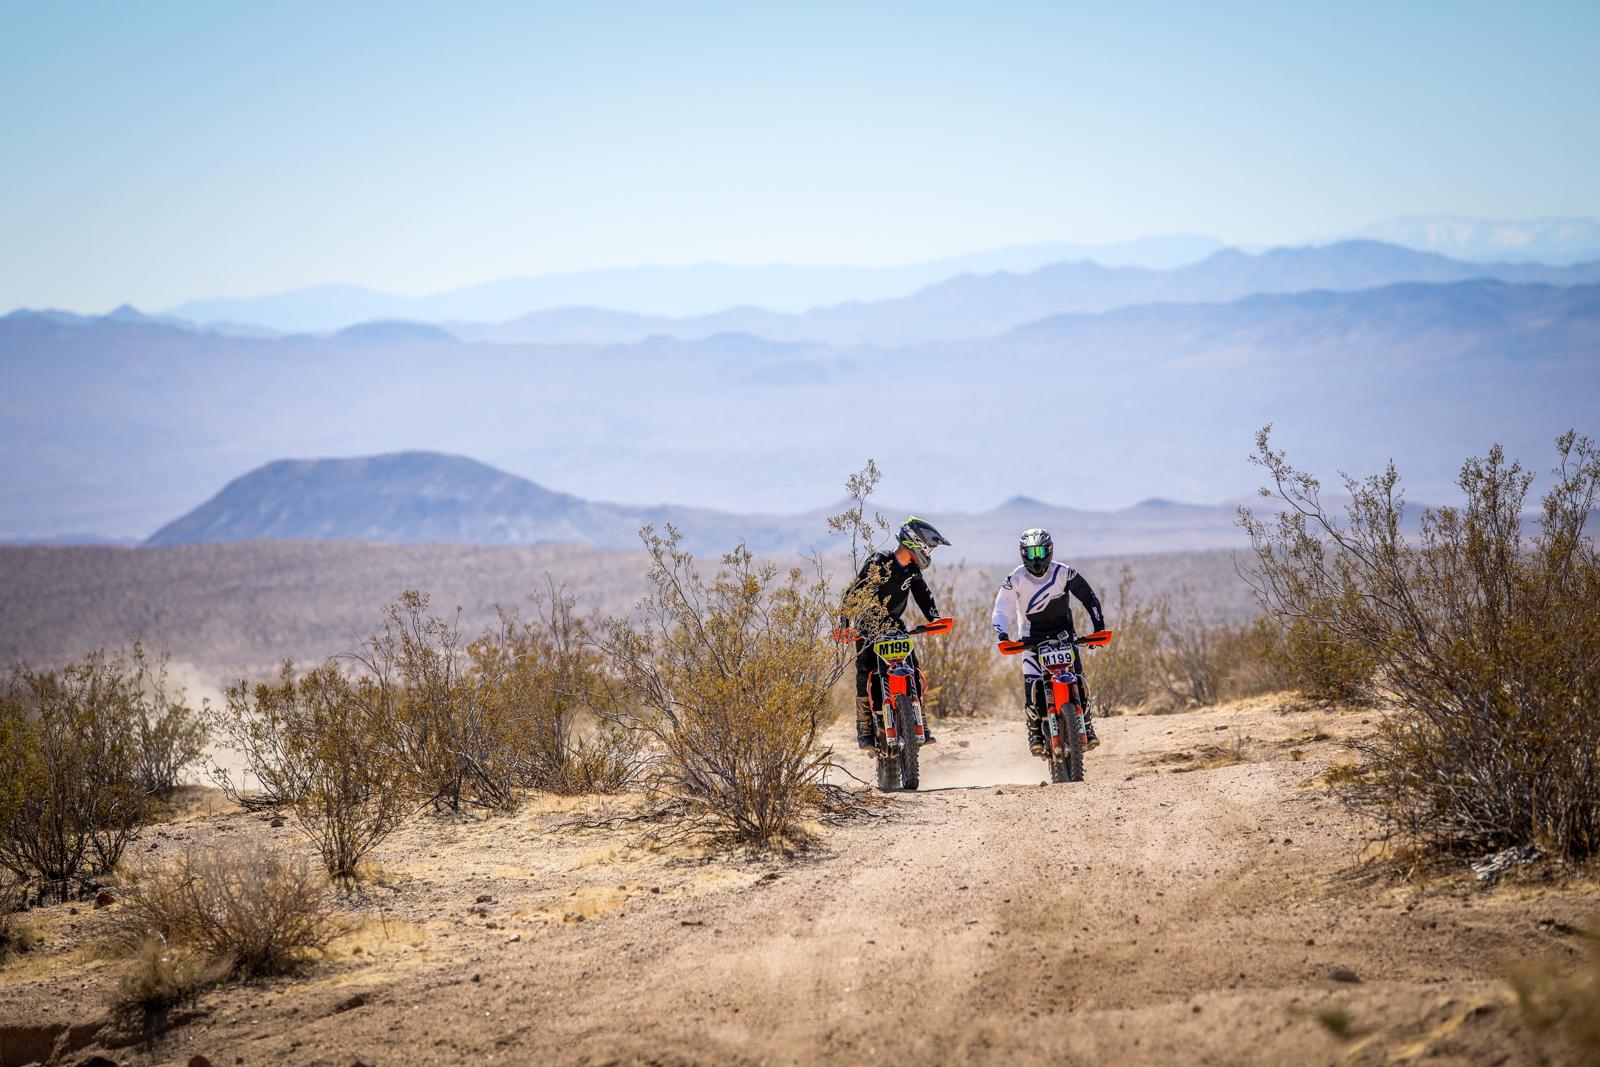 Mojave desert ride